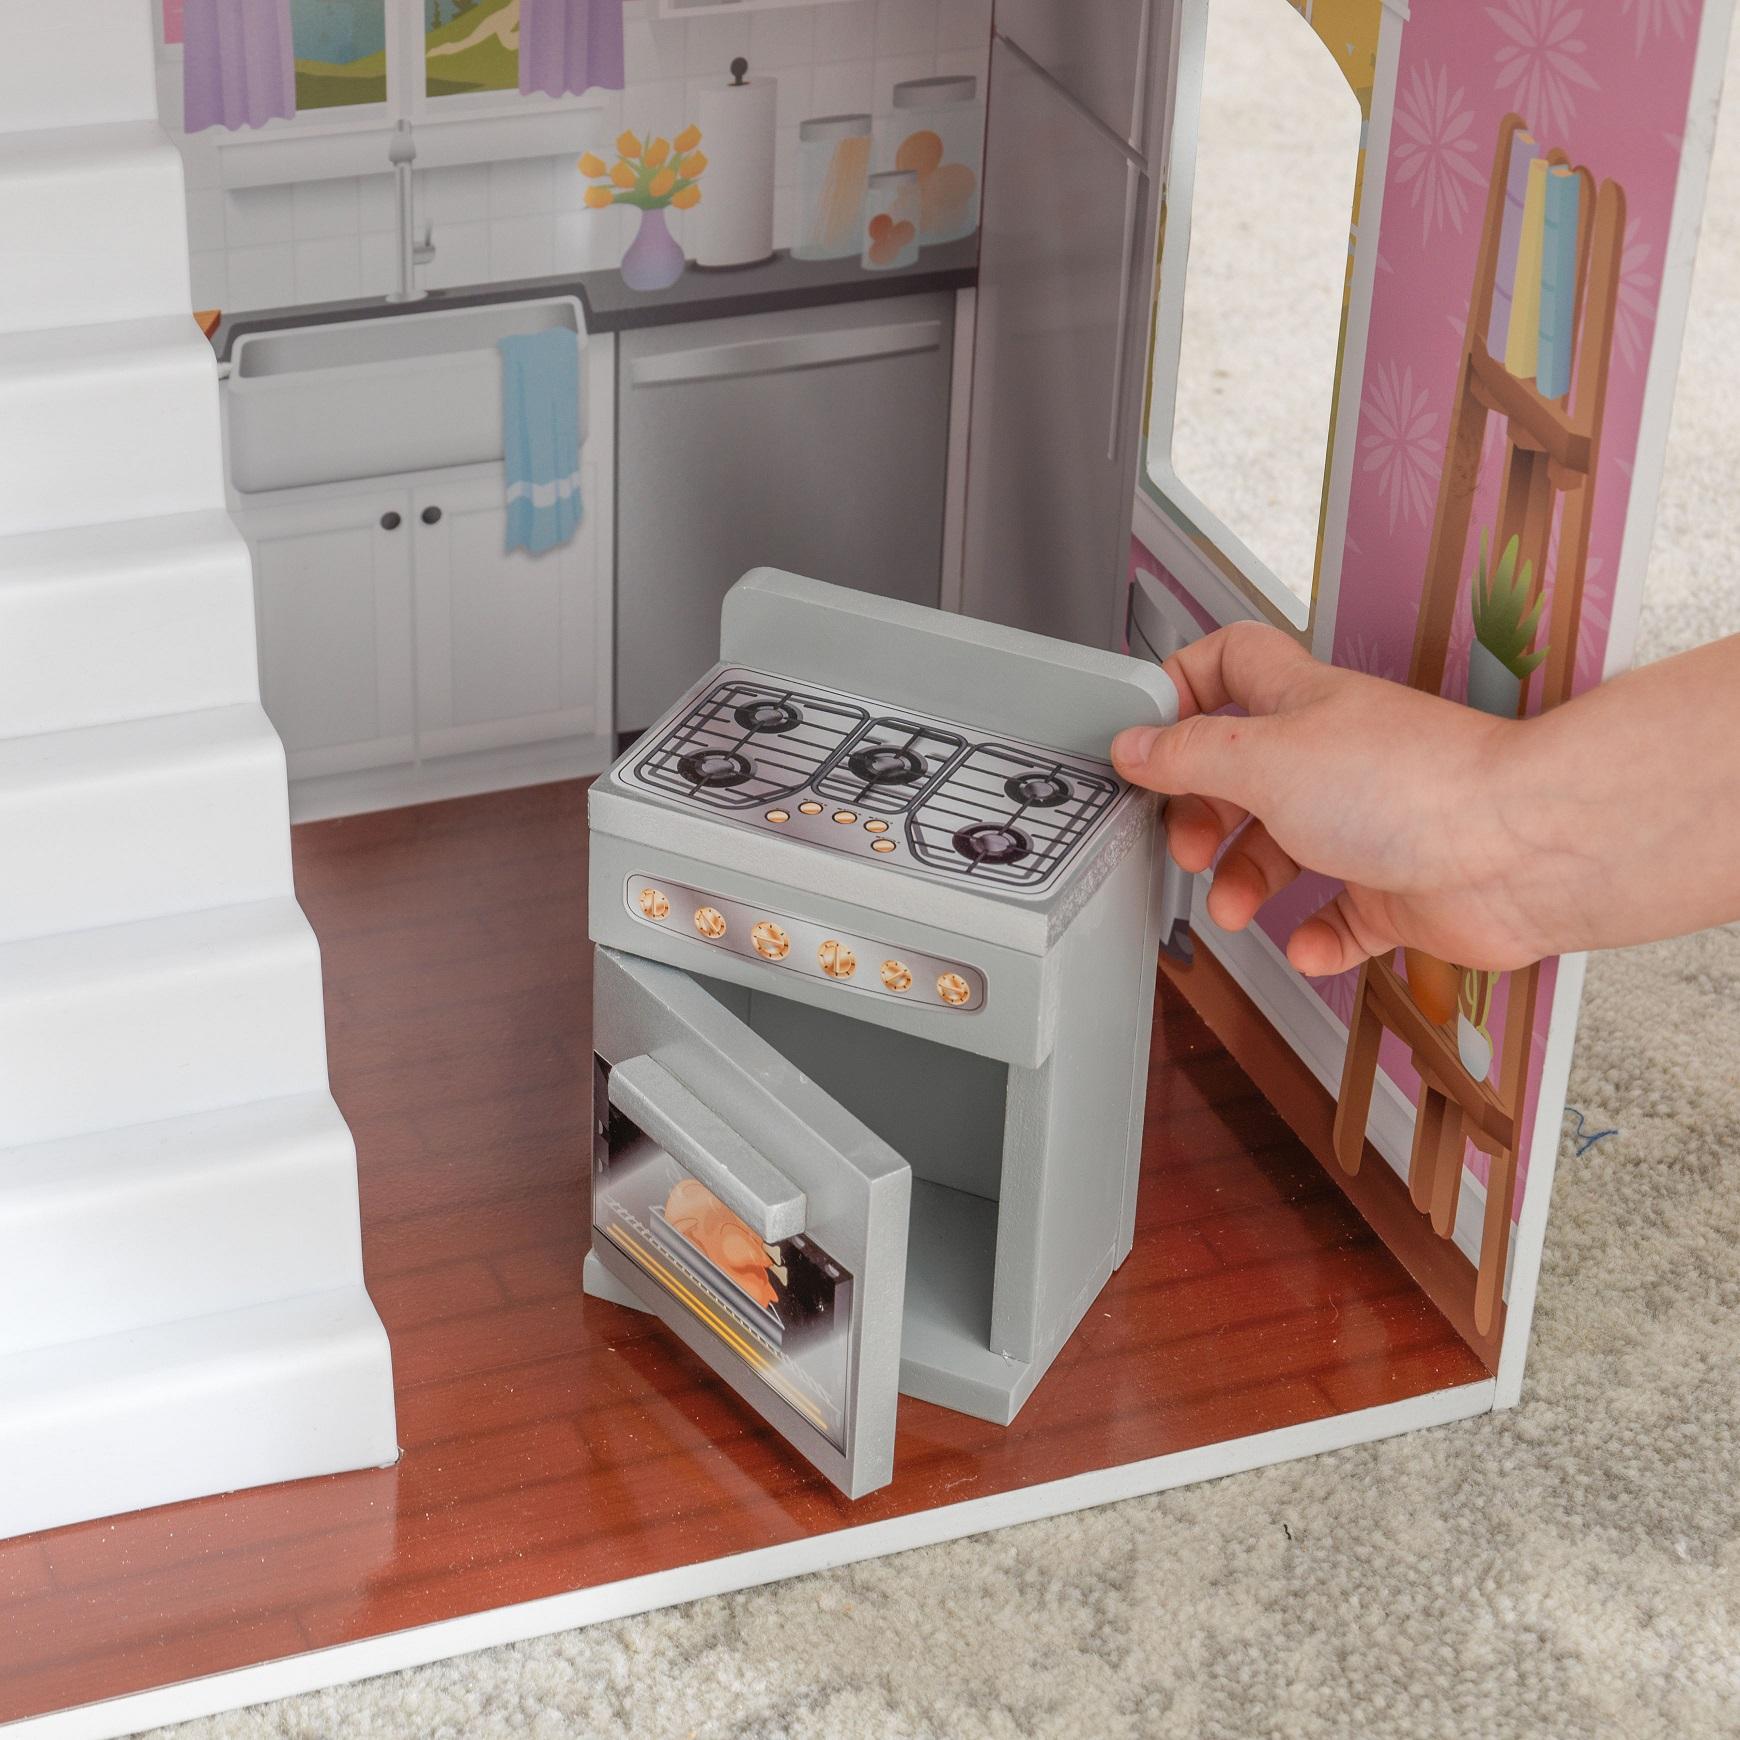 Detalle horno en cocina de la kidkraft casa de muñecas glendale manor 65940 width=